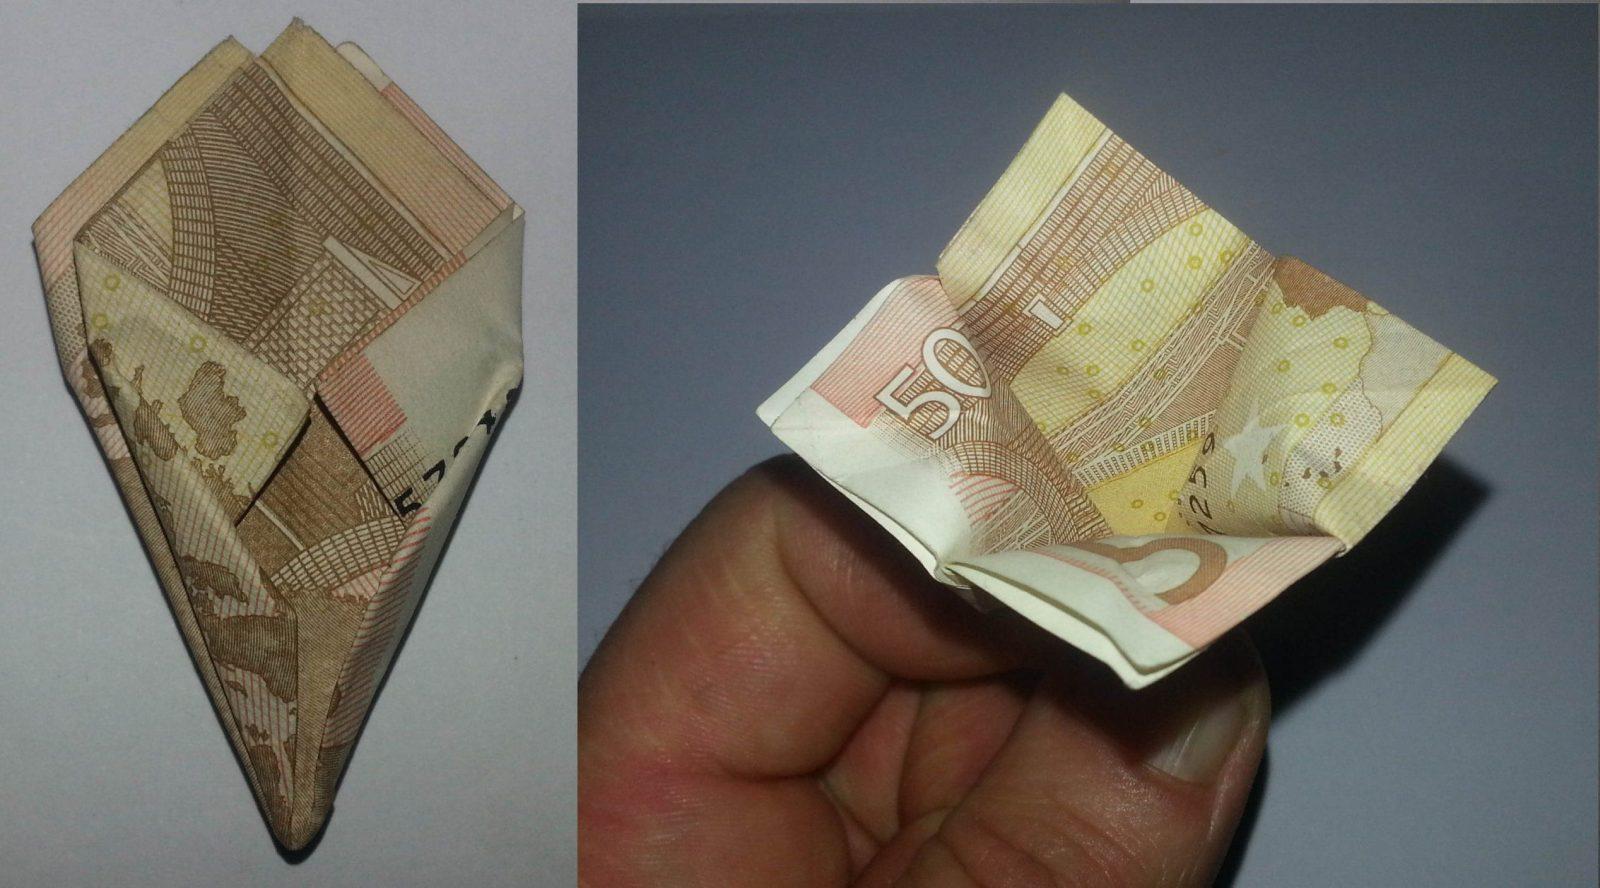 Blume Aus Einem Geldschein Falten  Origami Mit Geldscheinen von Origami Rose Geldschein Anleitung Bild